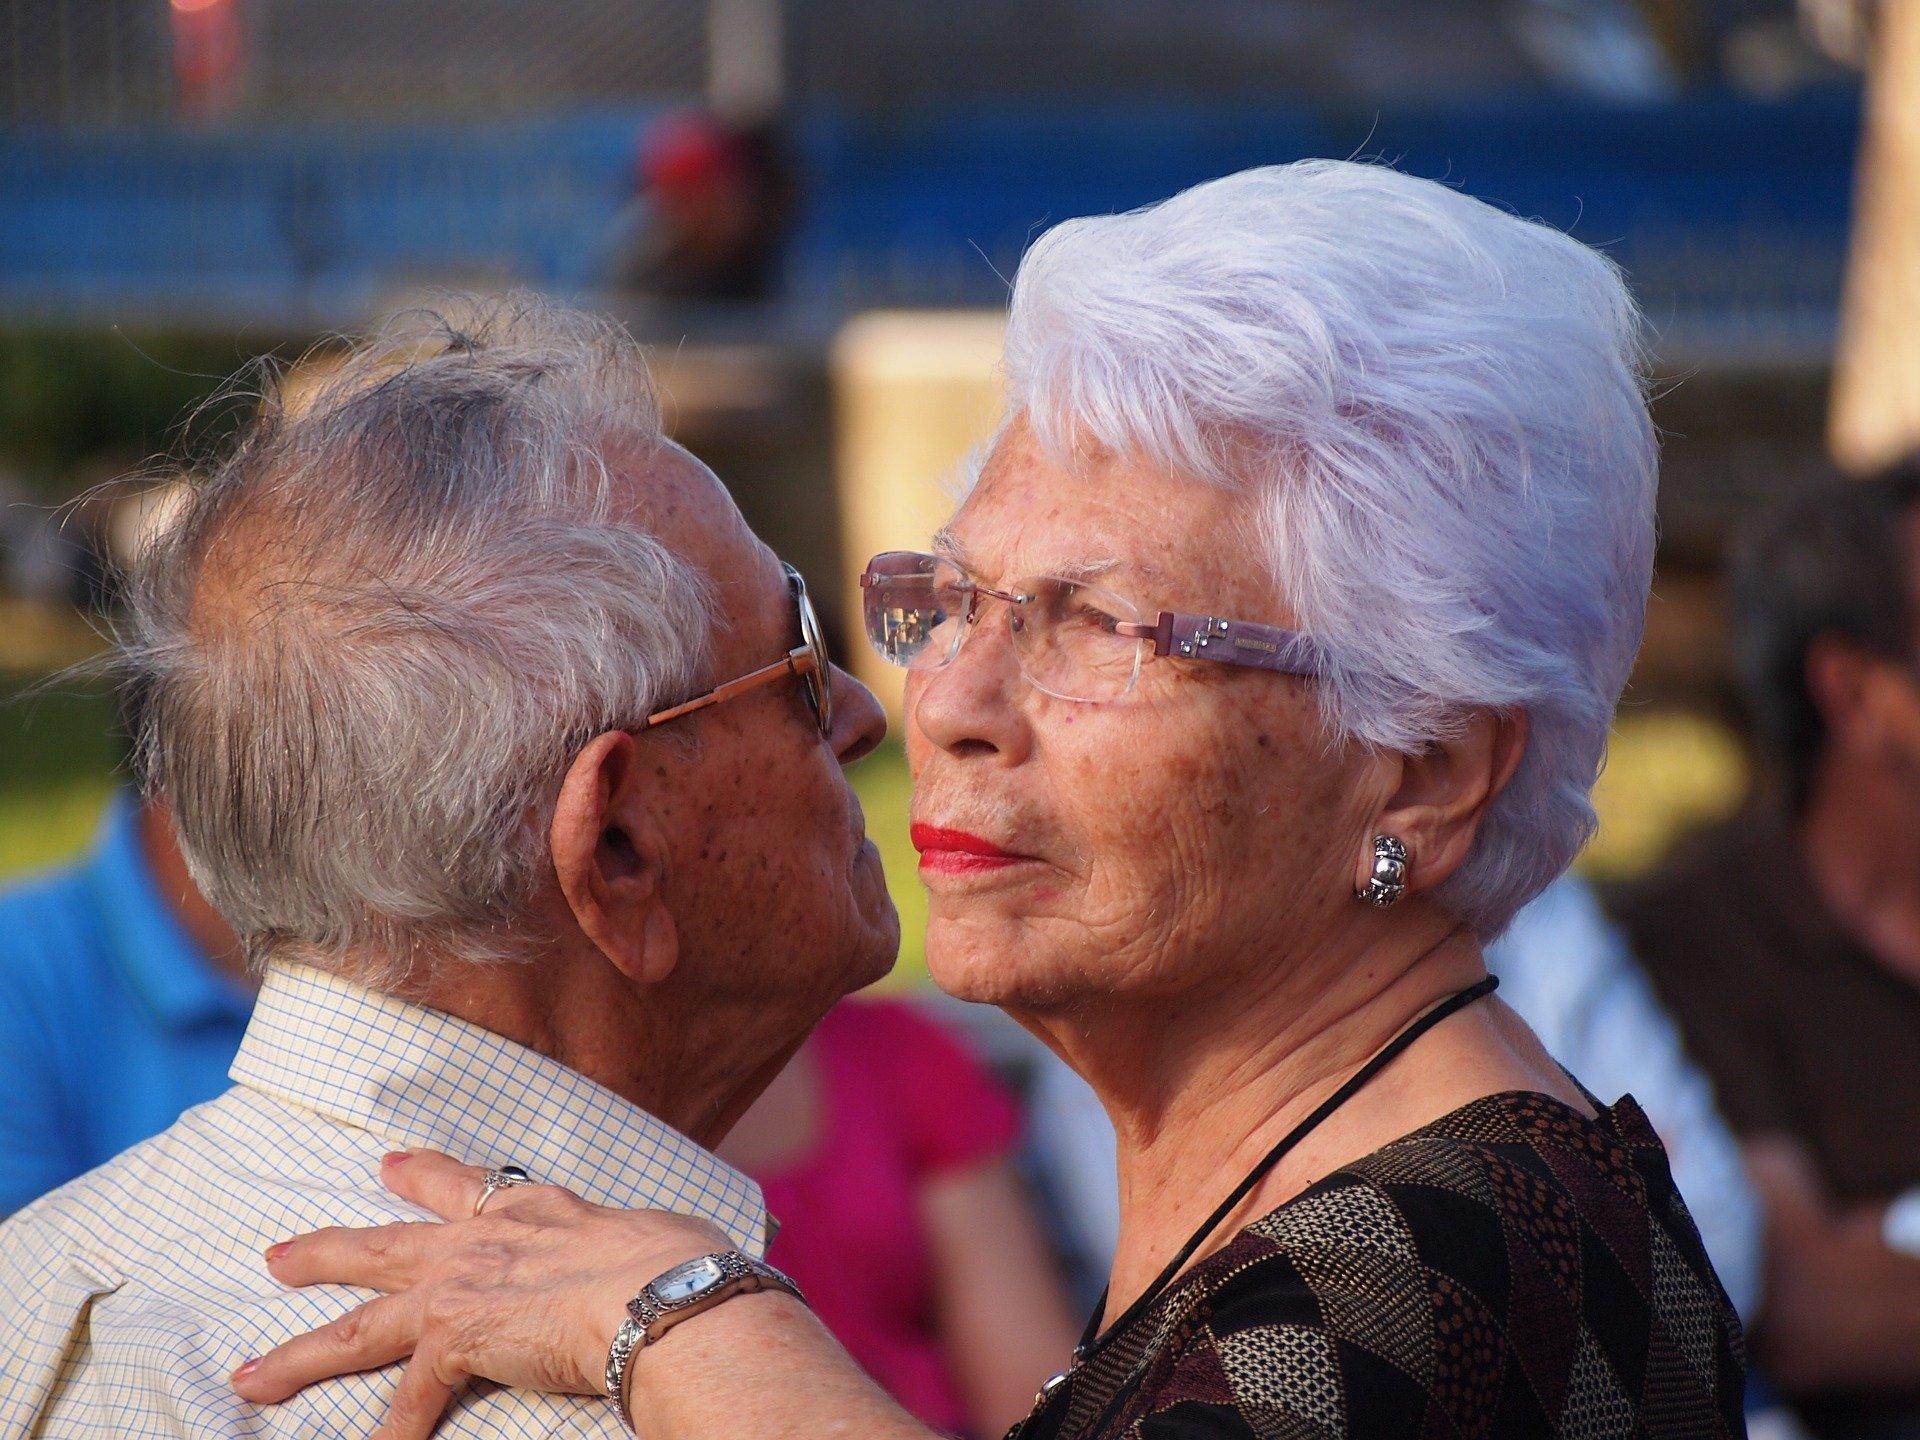 Casal de idosos se abraçando